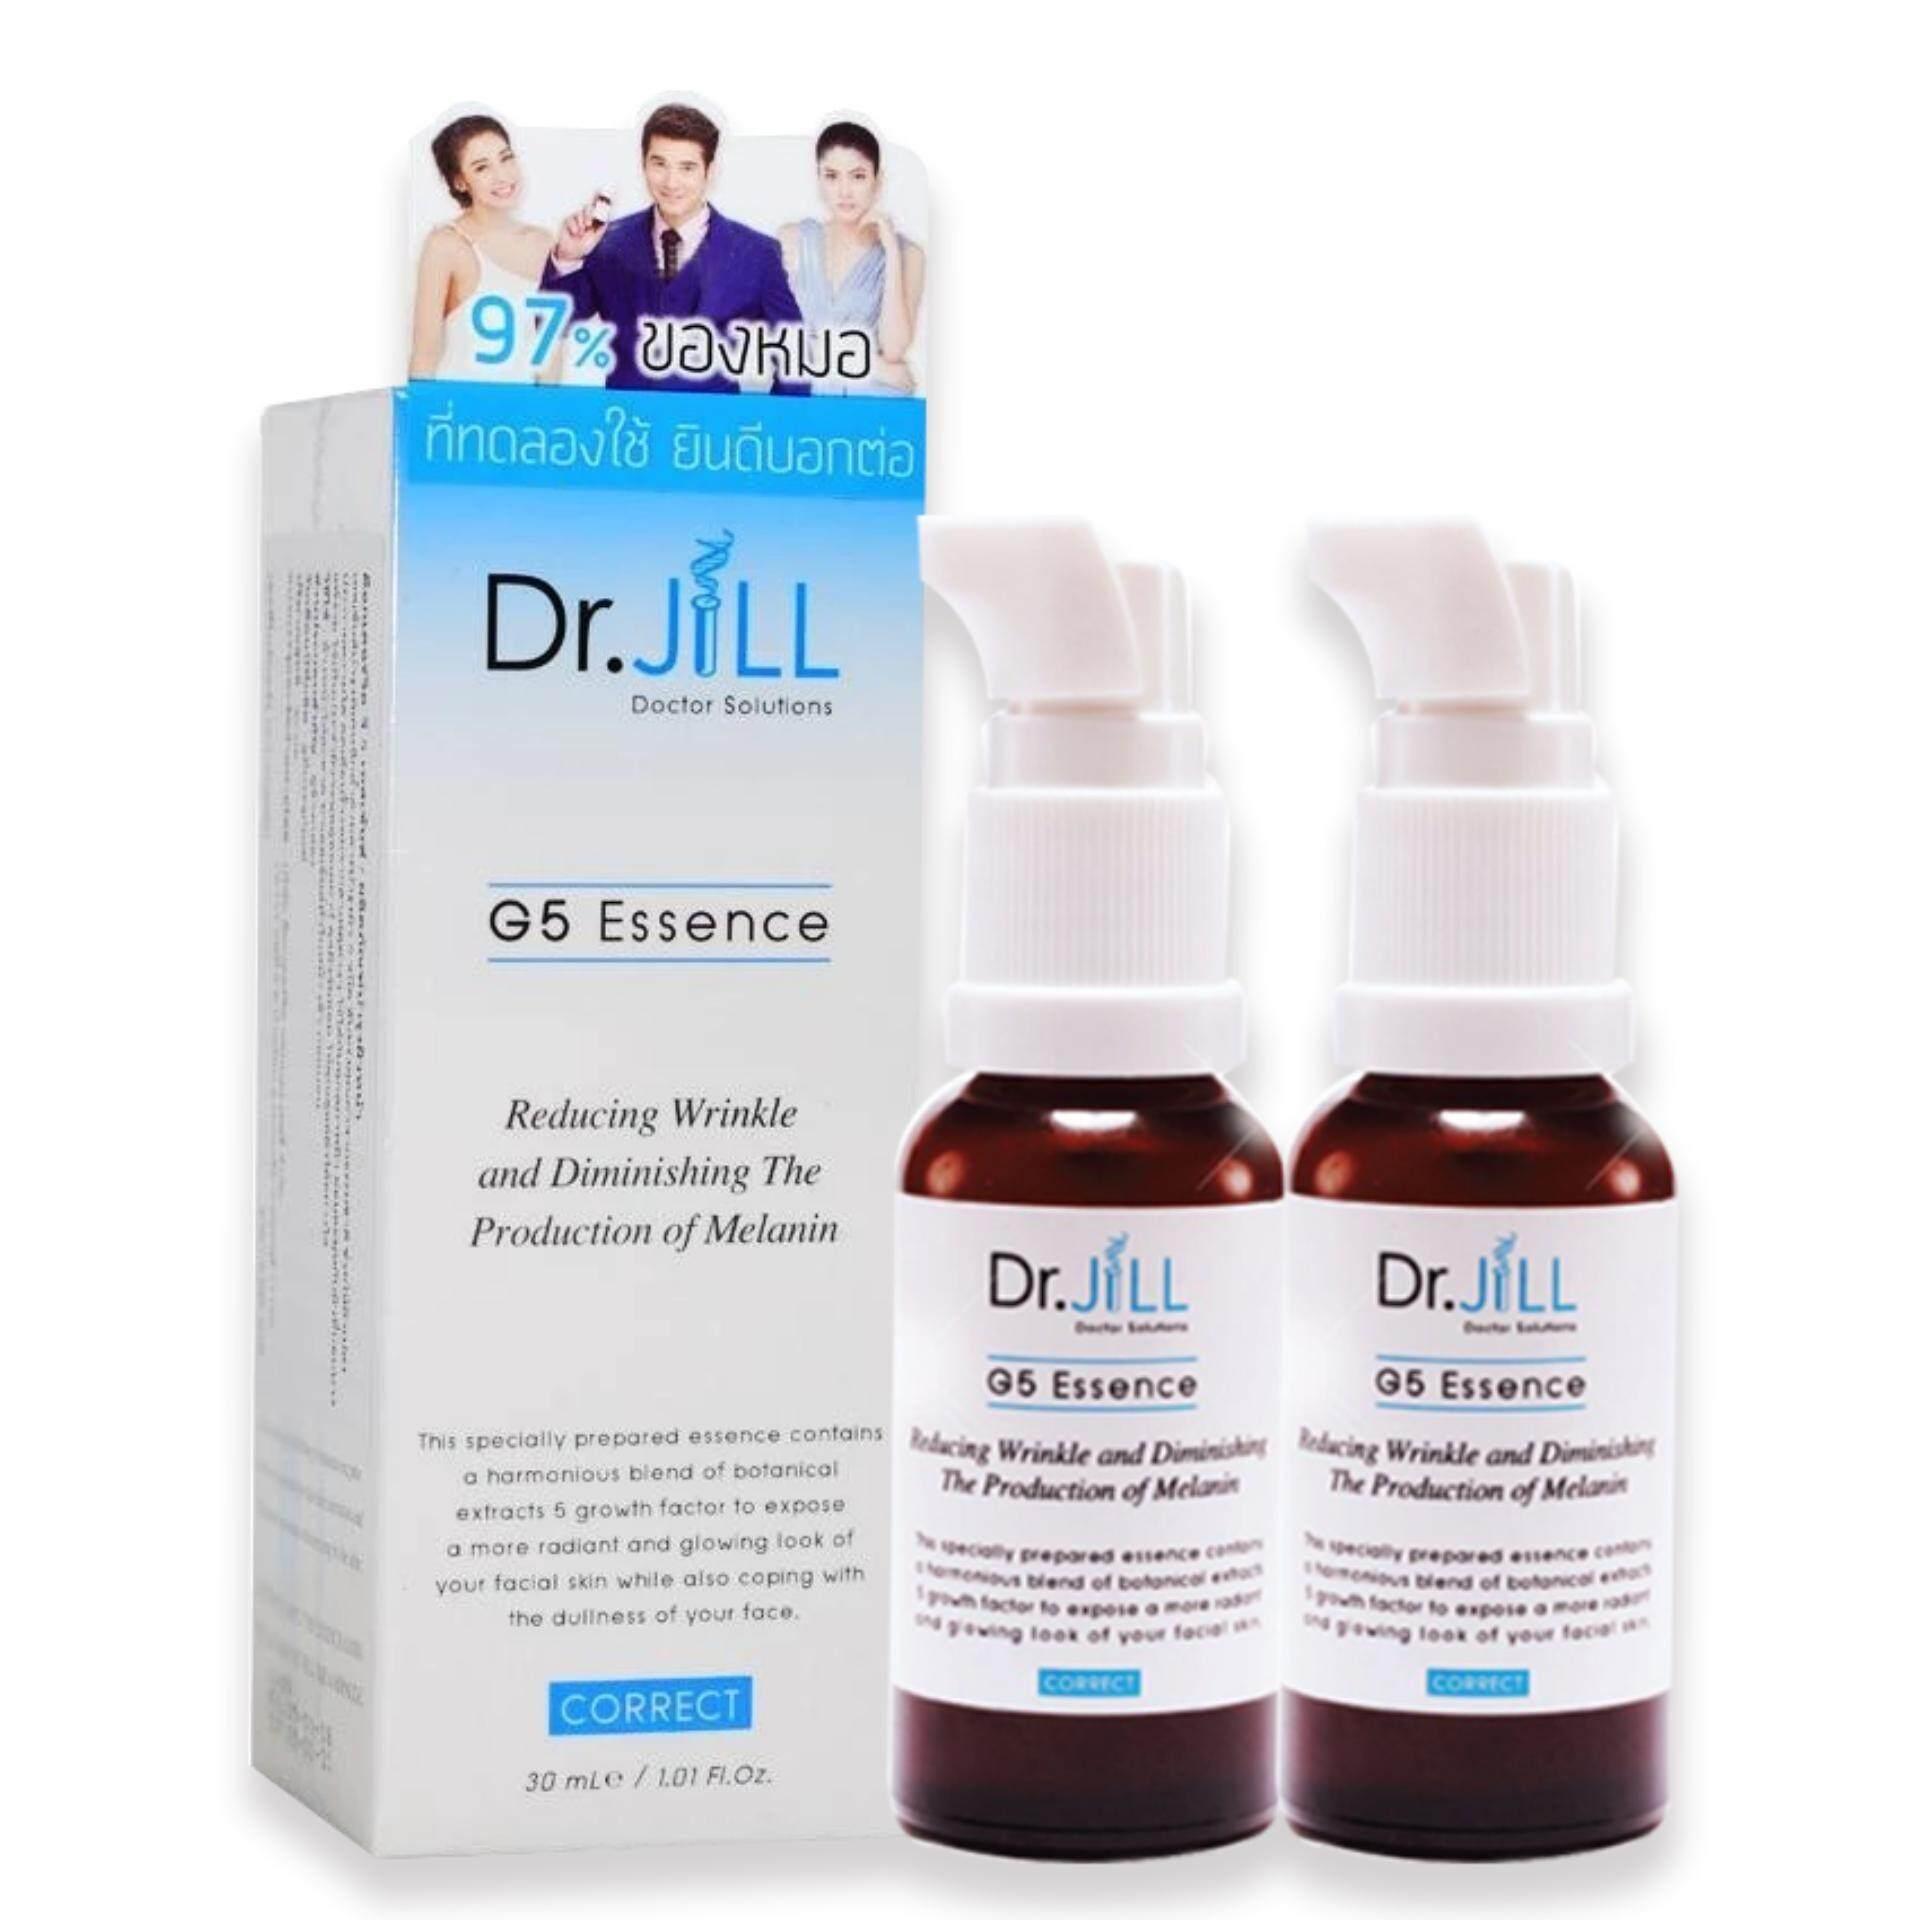 ราคา ราคาถูกที่สุด Dr Jill G5 Essence เอสเซ้นส์น้ำนมเข้มข้นด๊อกเตอร์จิล 30 Ml